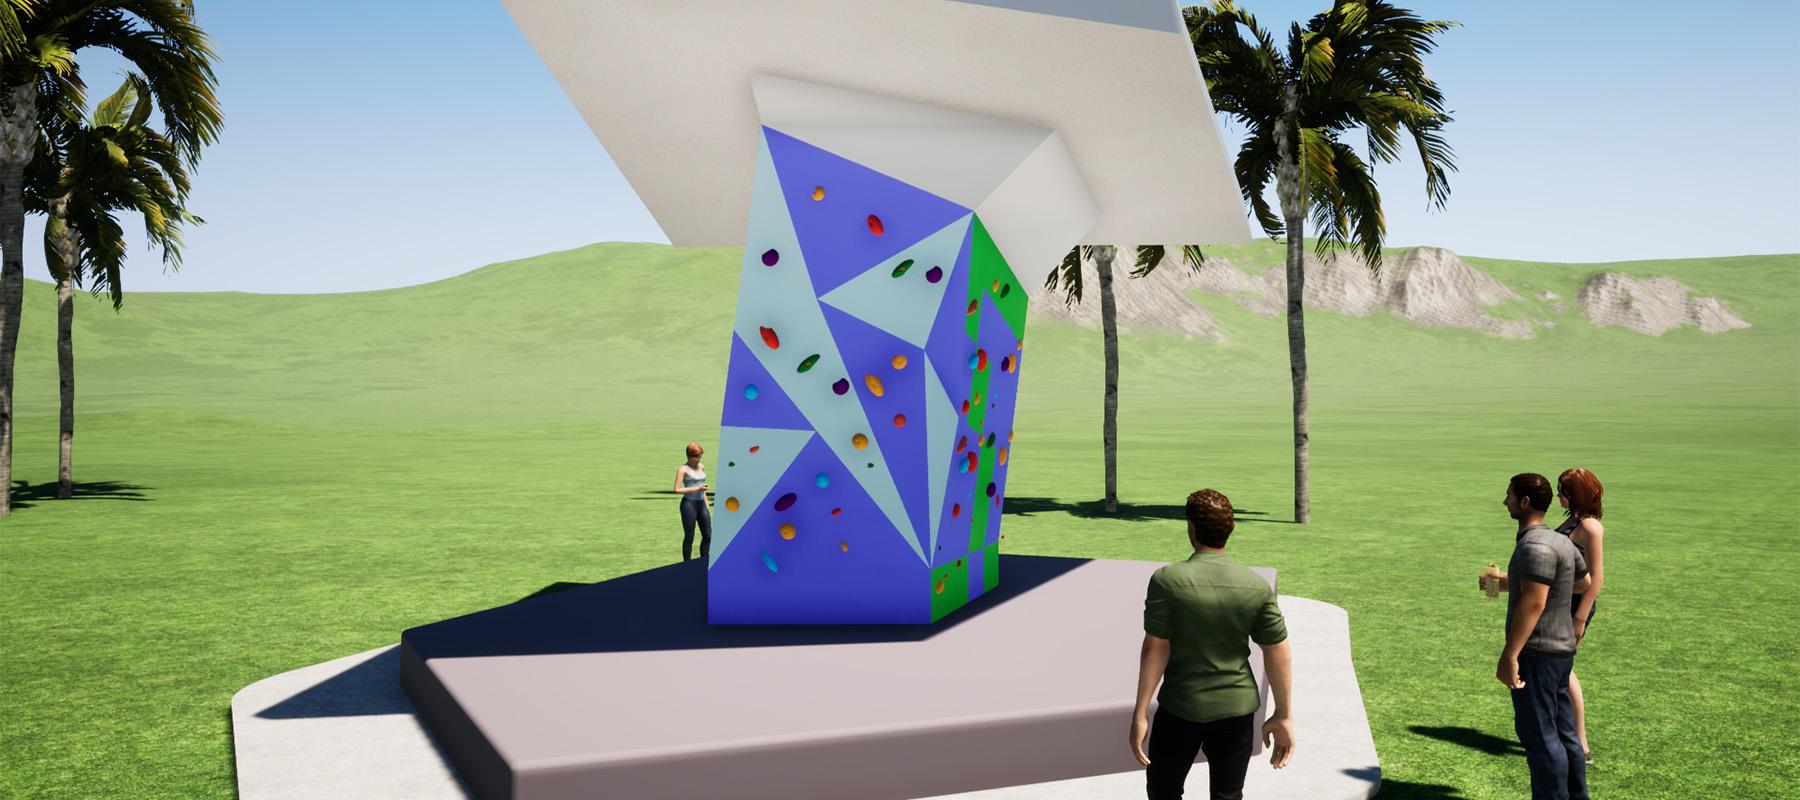 adstrut climbing wall design